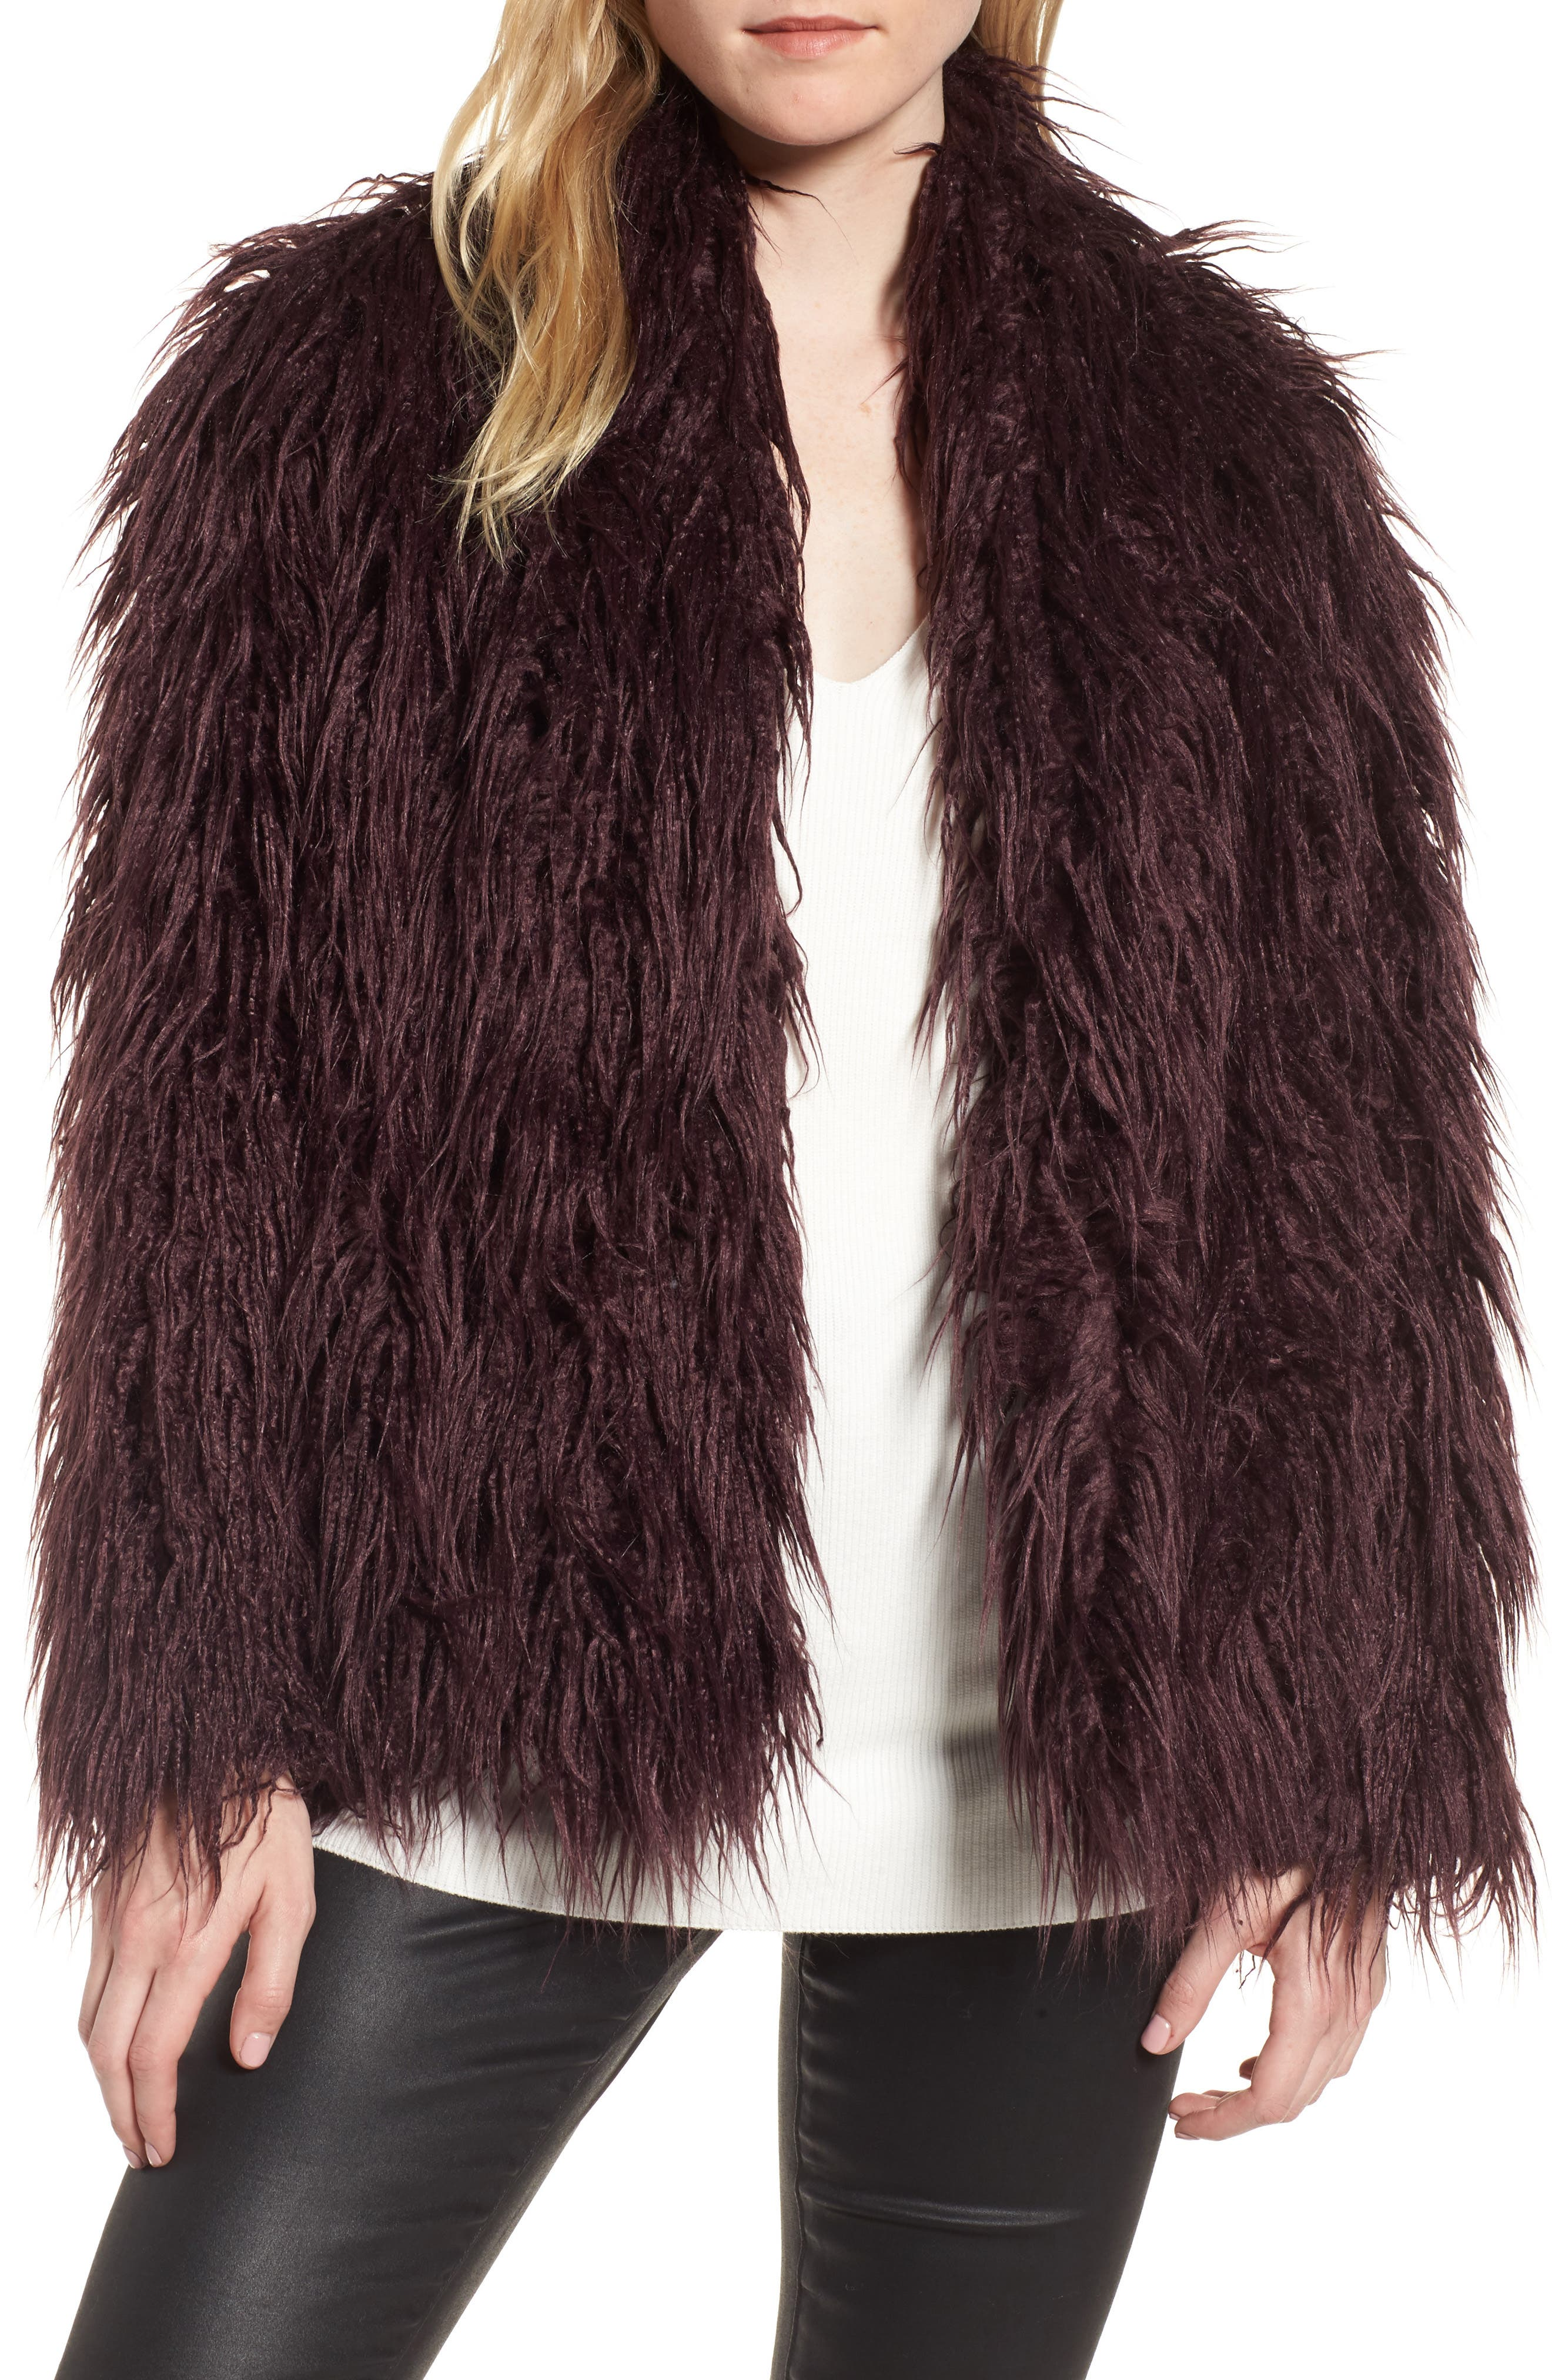 Shaggy Faux Fur Jacket,                             Main thumbnail 1, color,                             Burgundy Stem